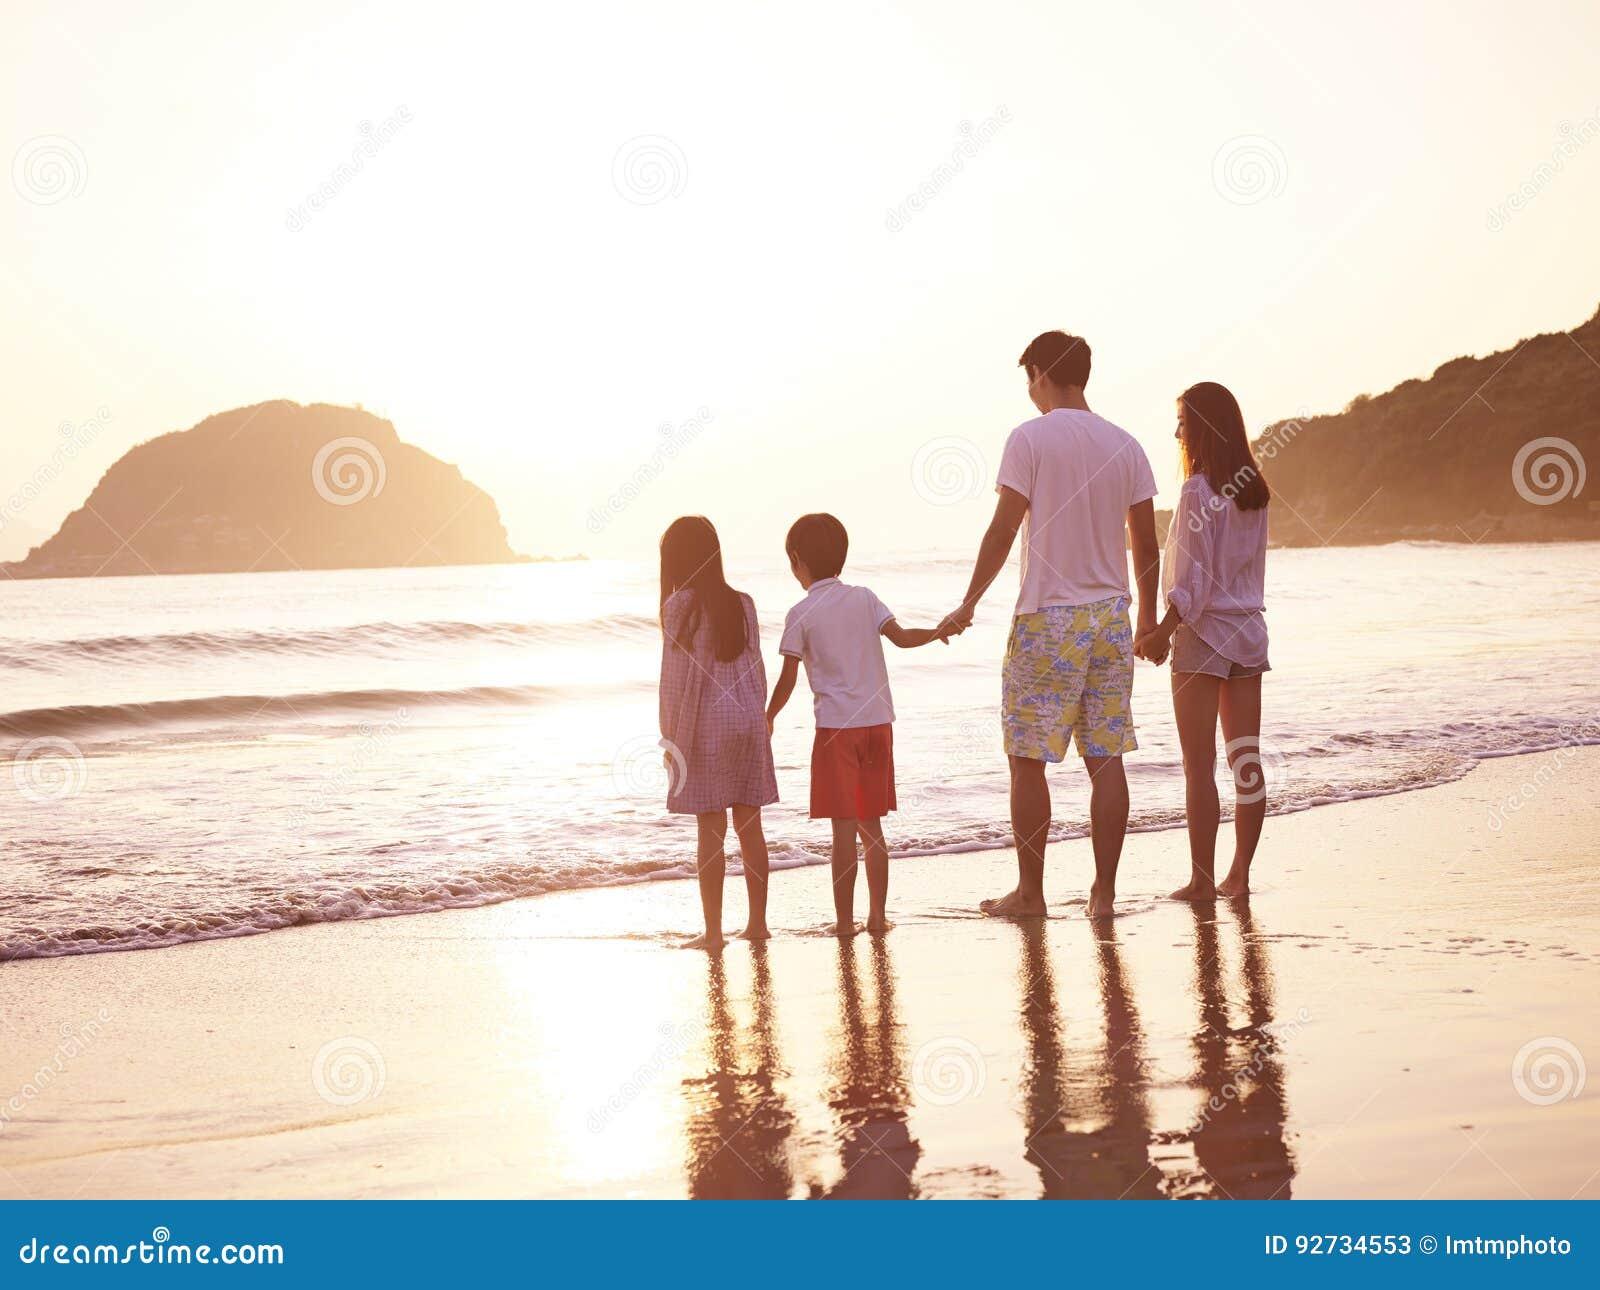 Asiatische Familie auf Strand